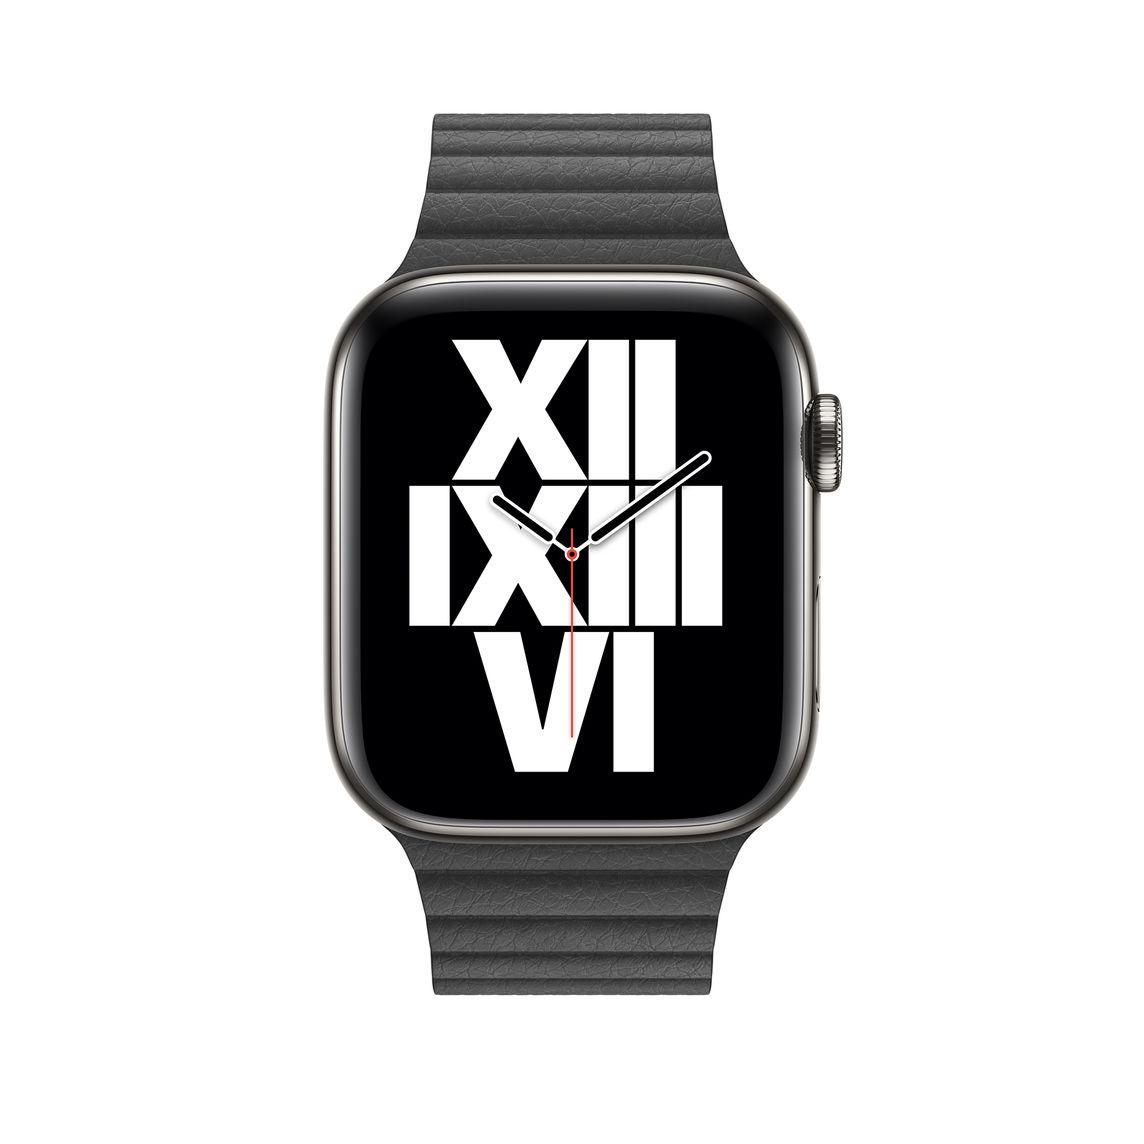 44mm Black Leather Loop Medium Apple